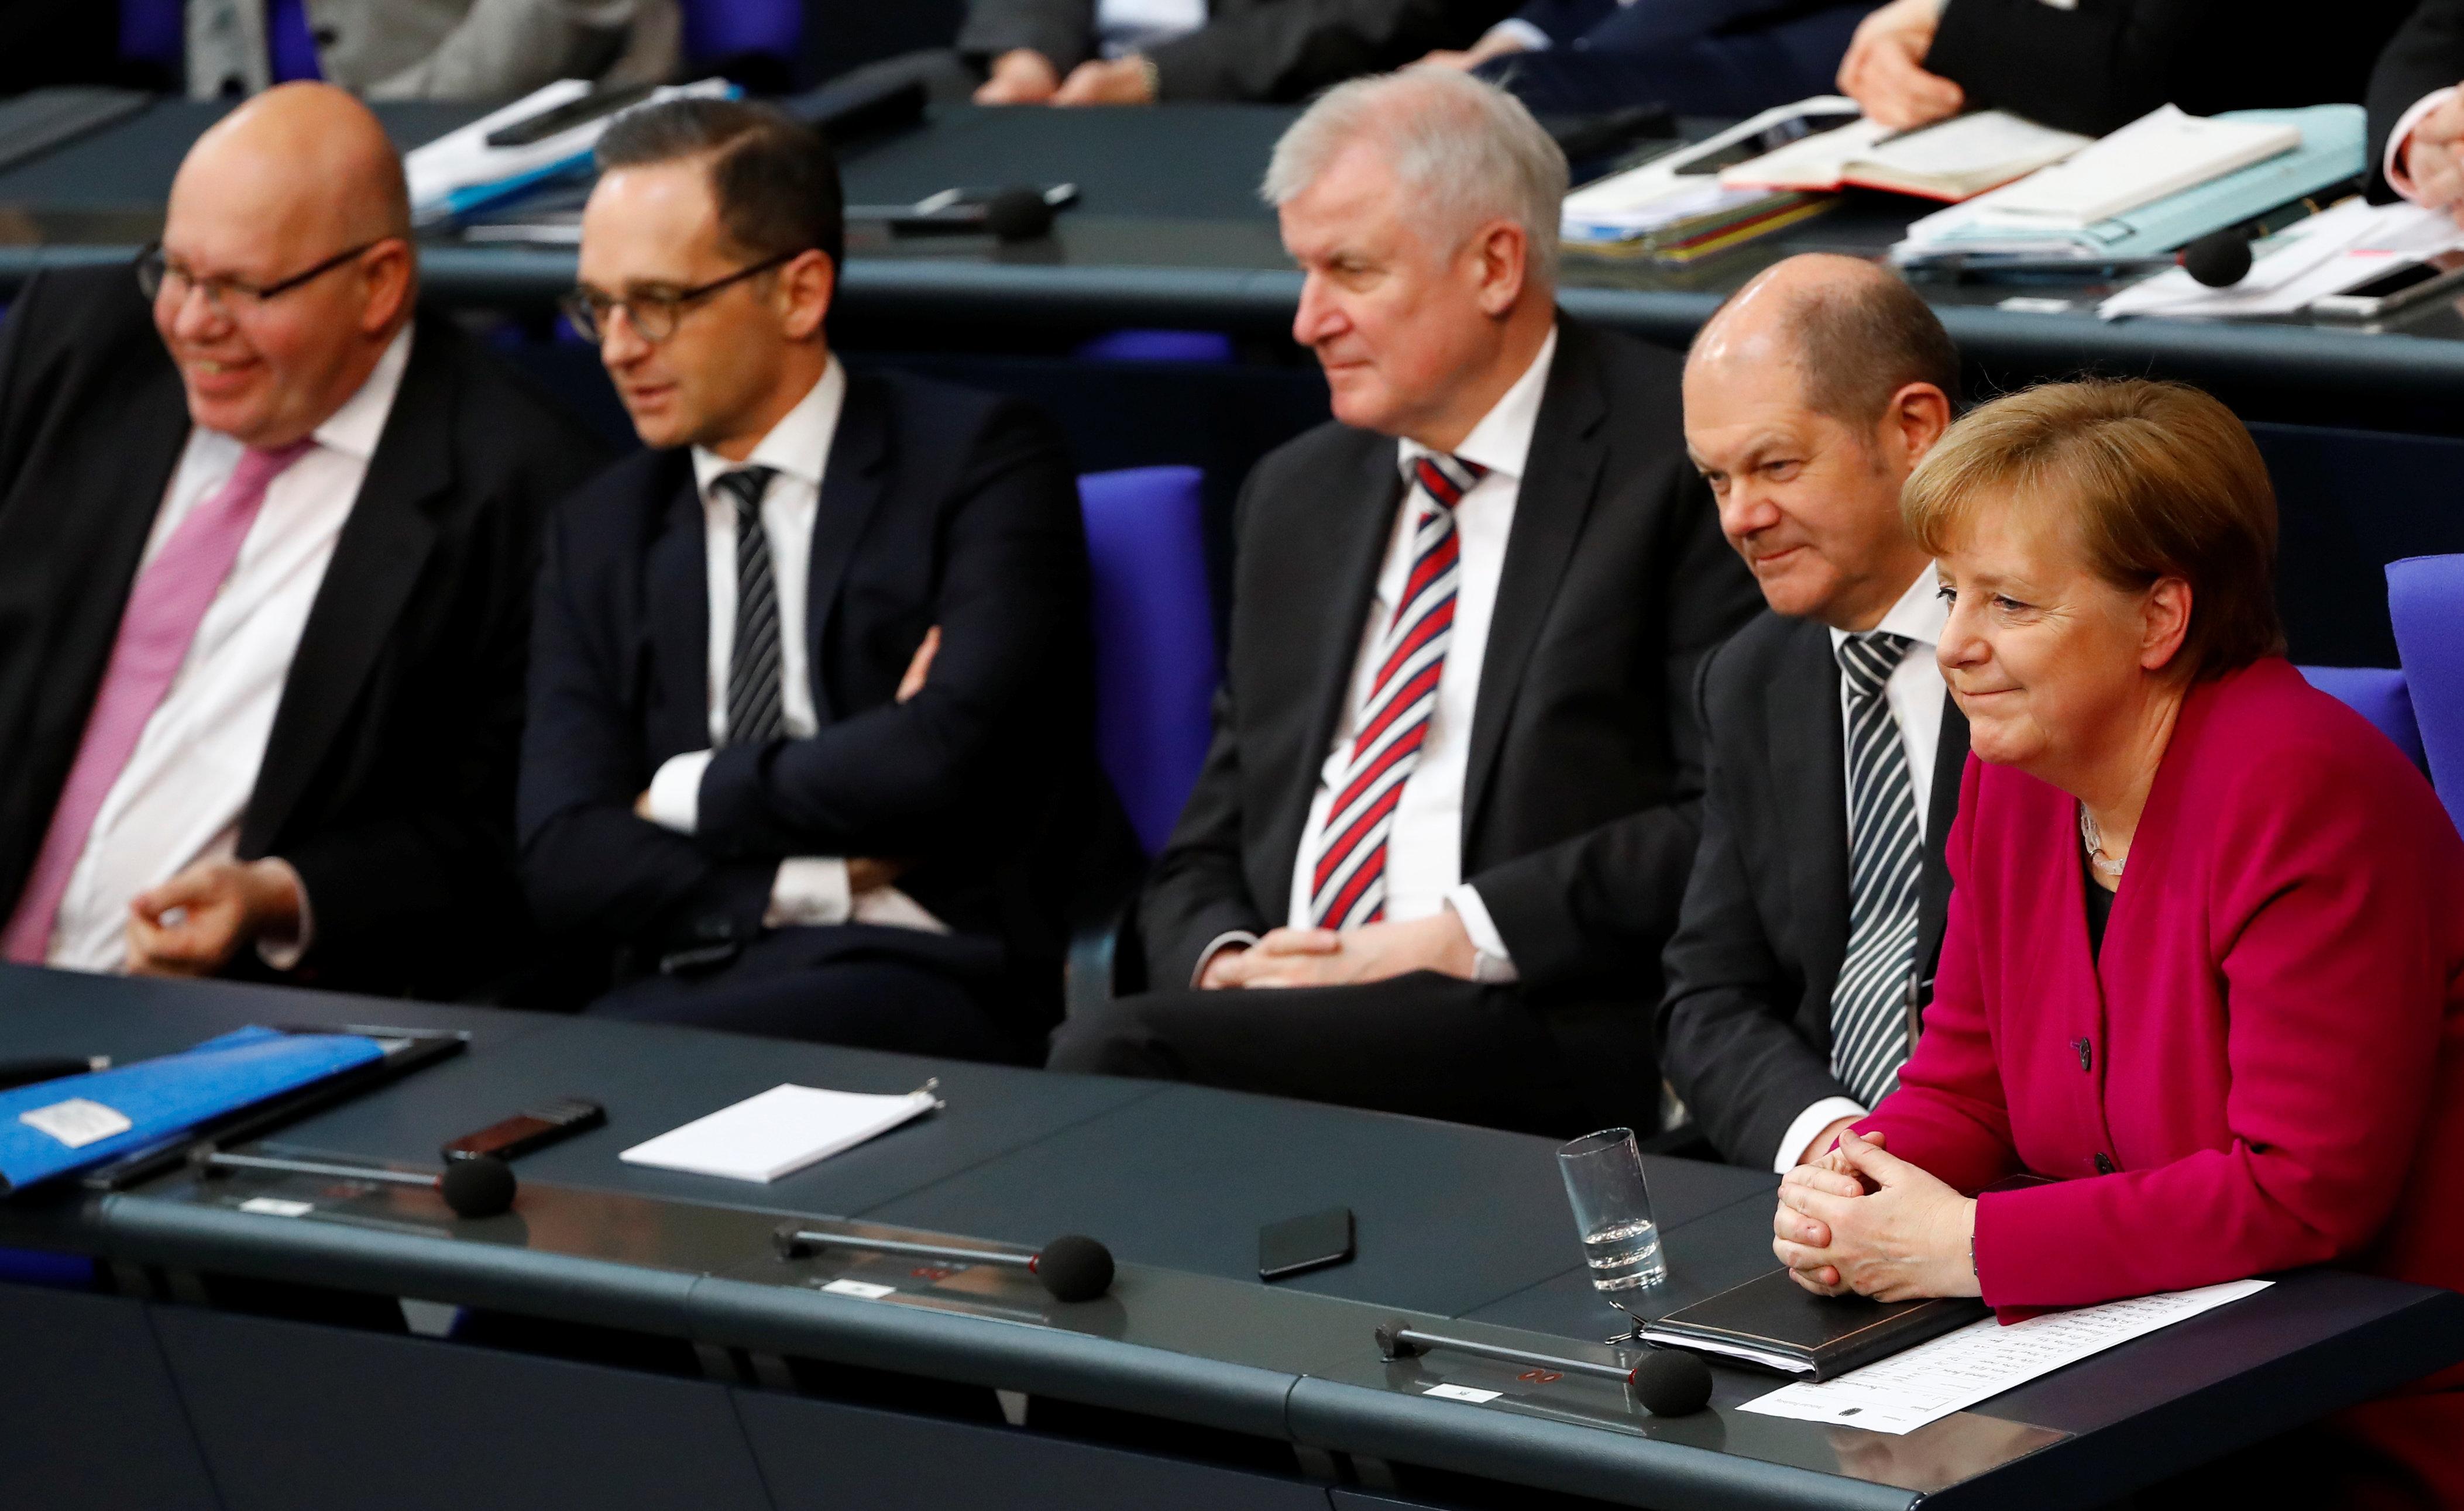 Wirtschaft, Handel & Finanzen: ROUNDUP: SPD setzt Frist im Koalitionsstreit um Abtreibungs-Werbeverbot